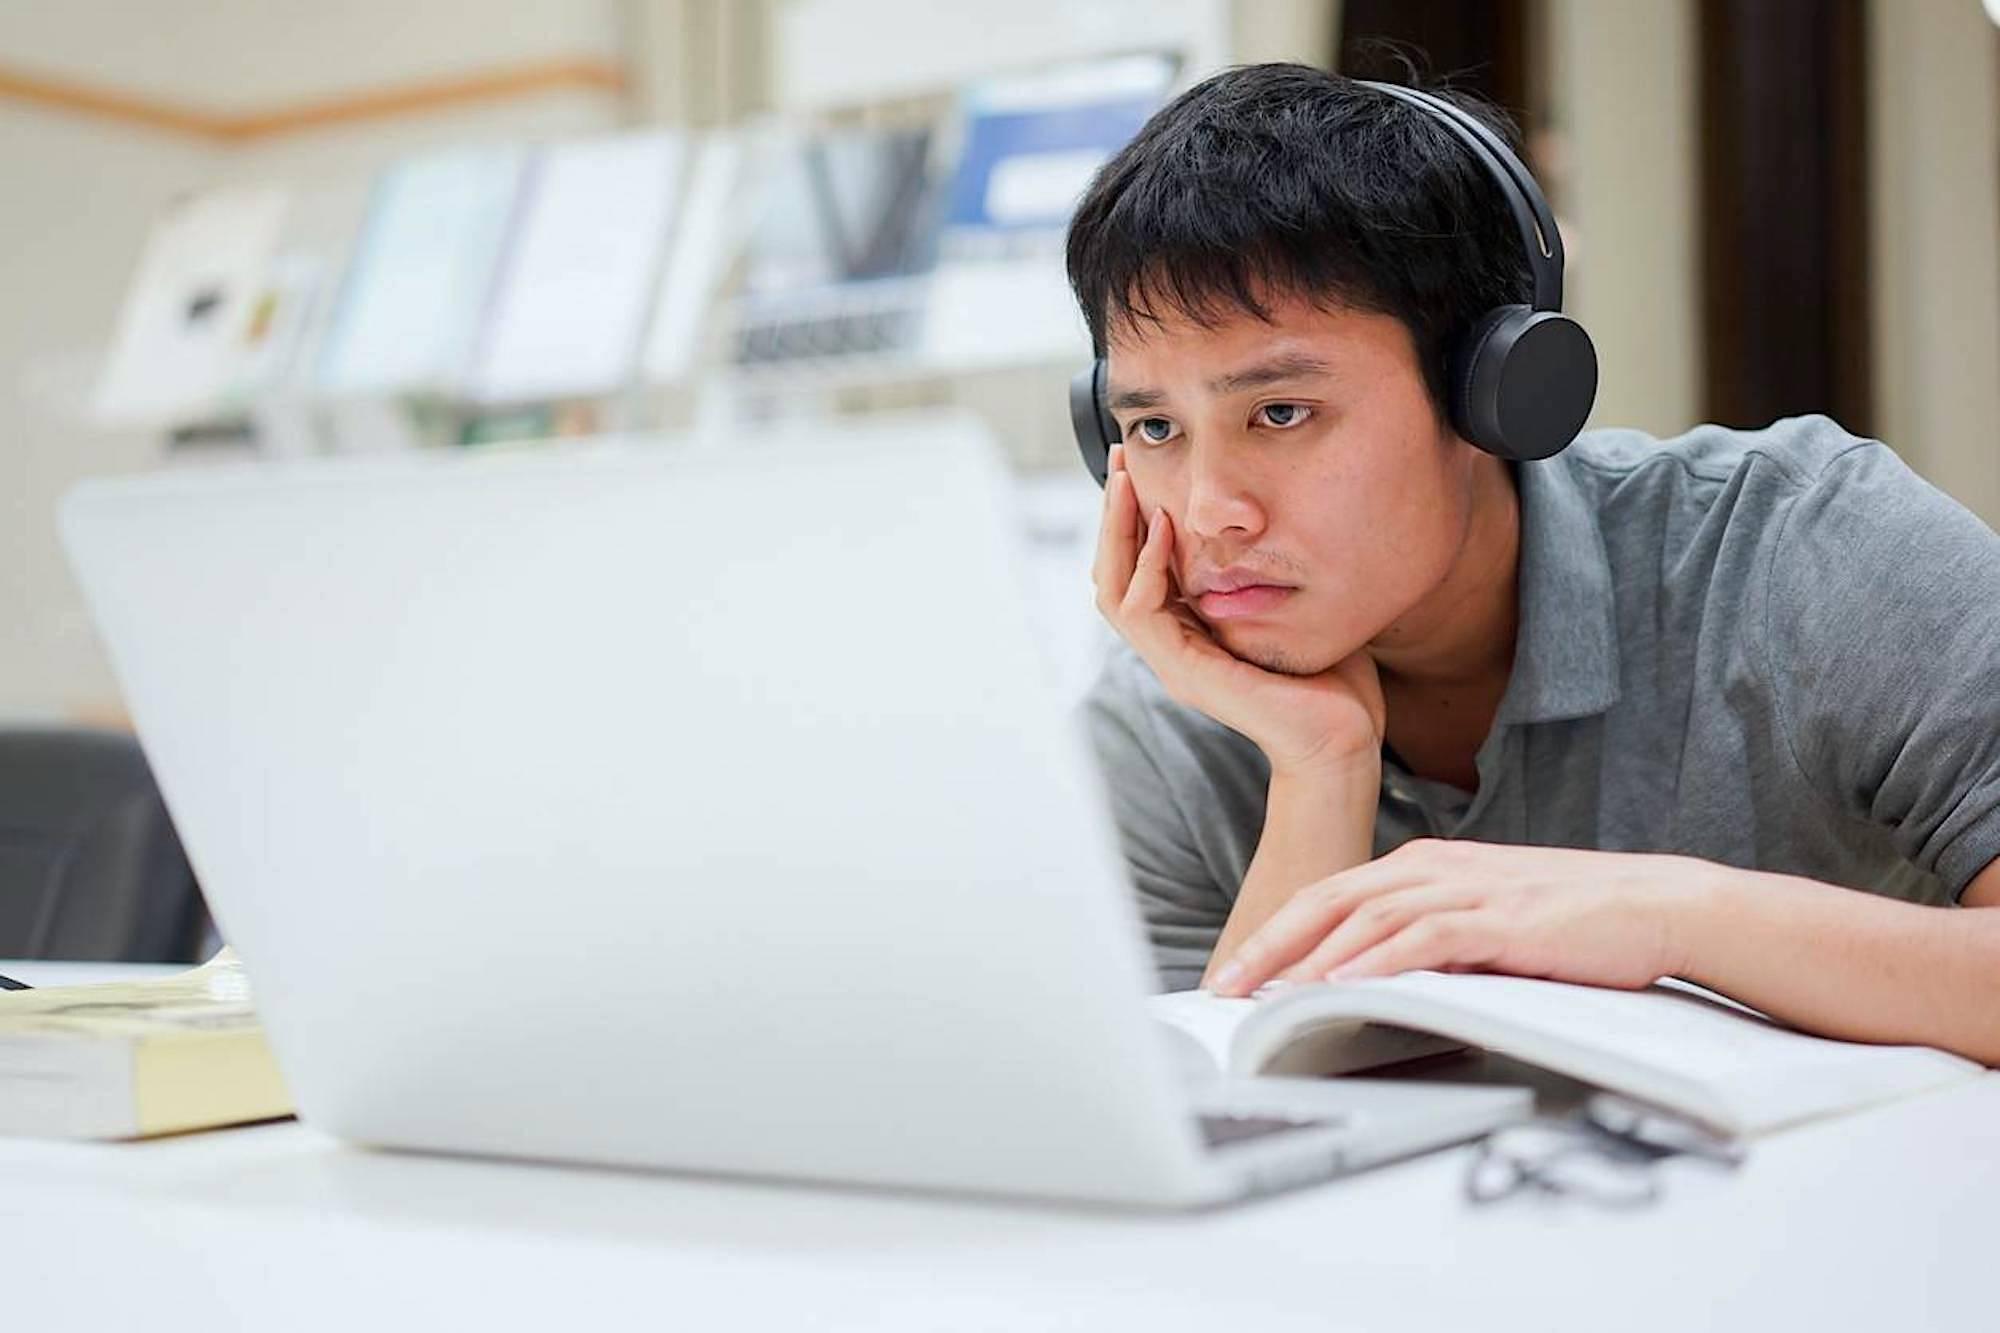 Học gì trước khi có quá nhiều kiến thức cần dung nạp?